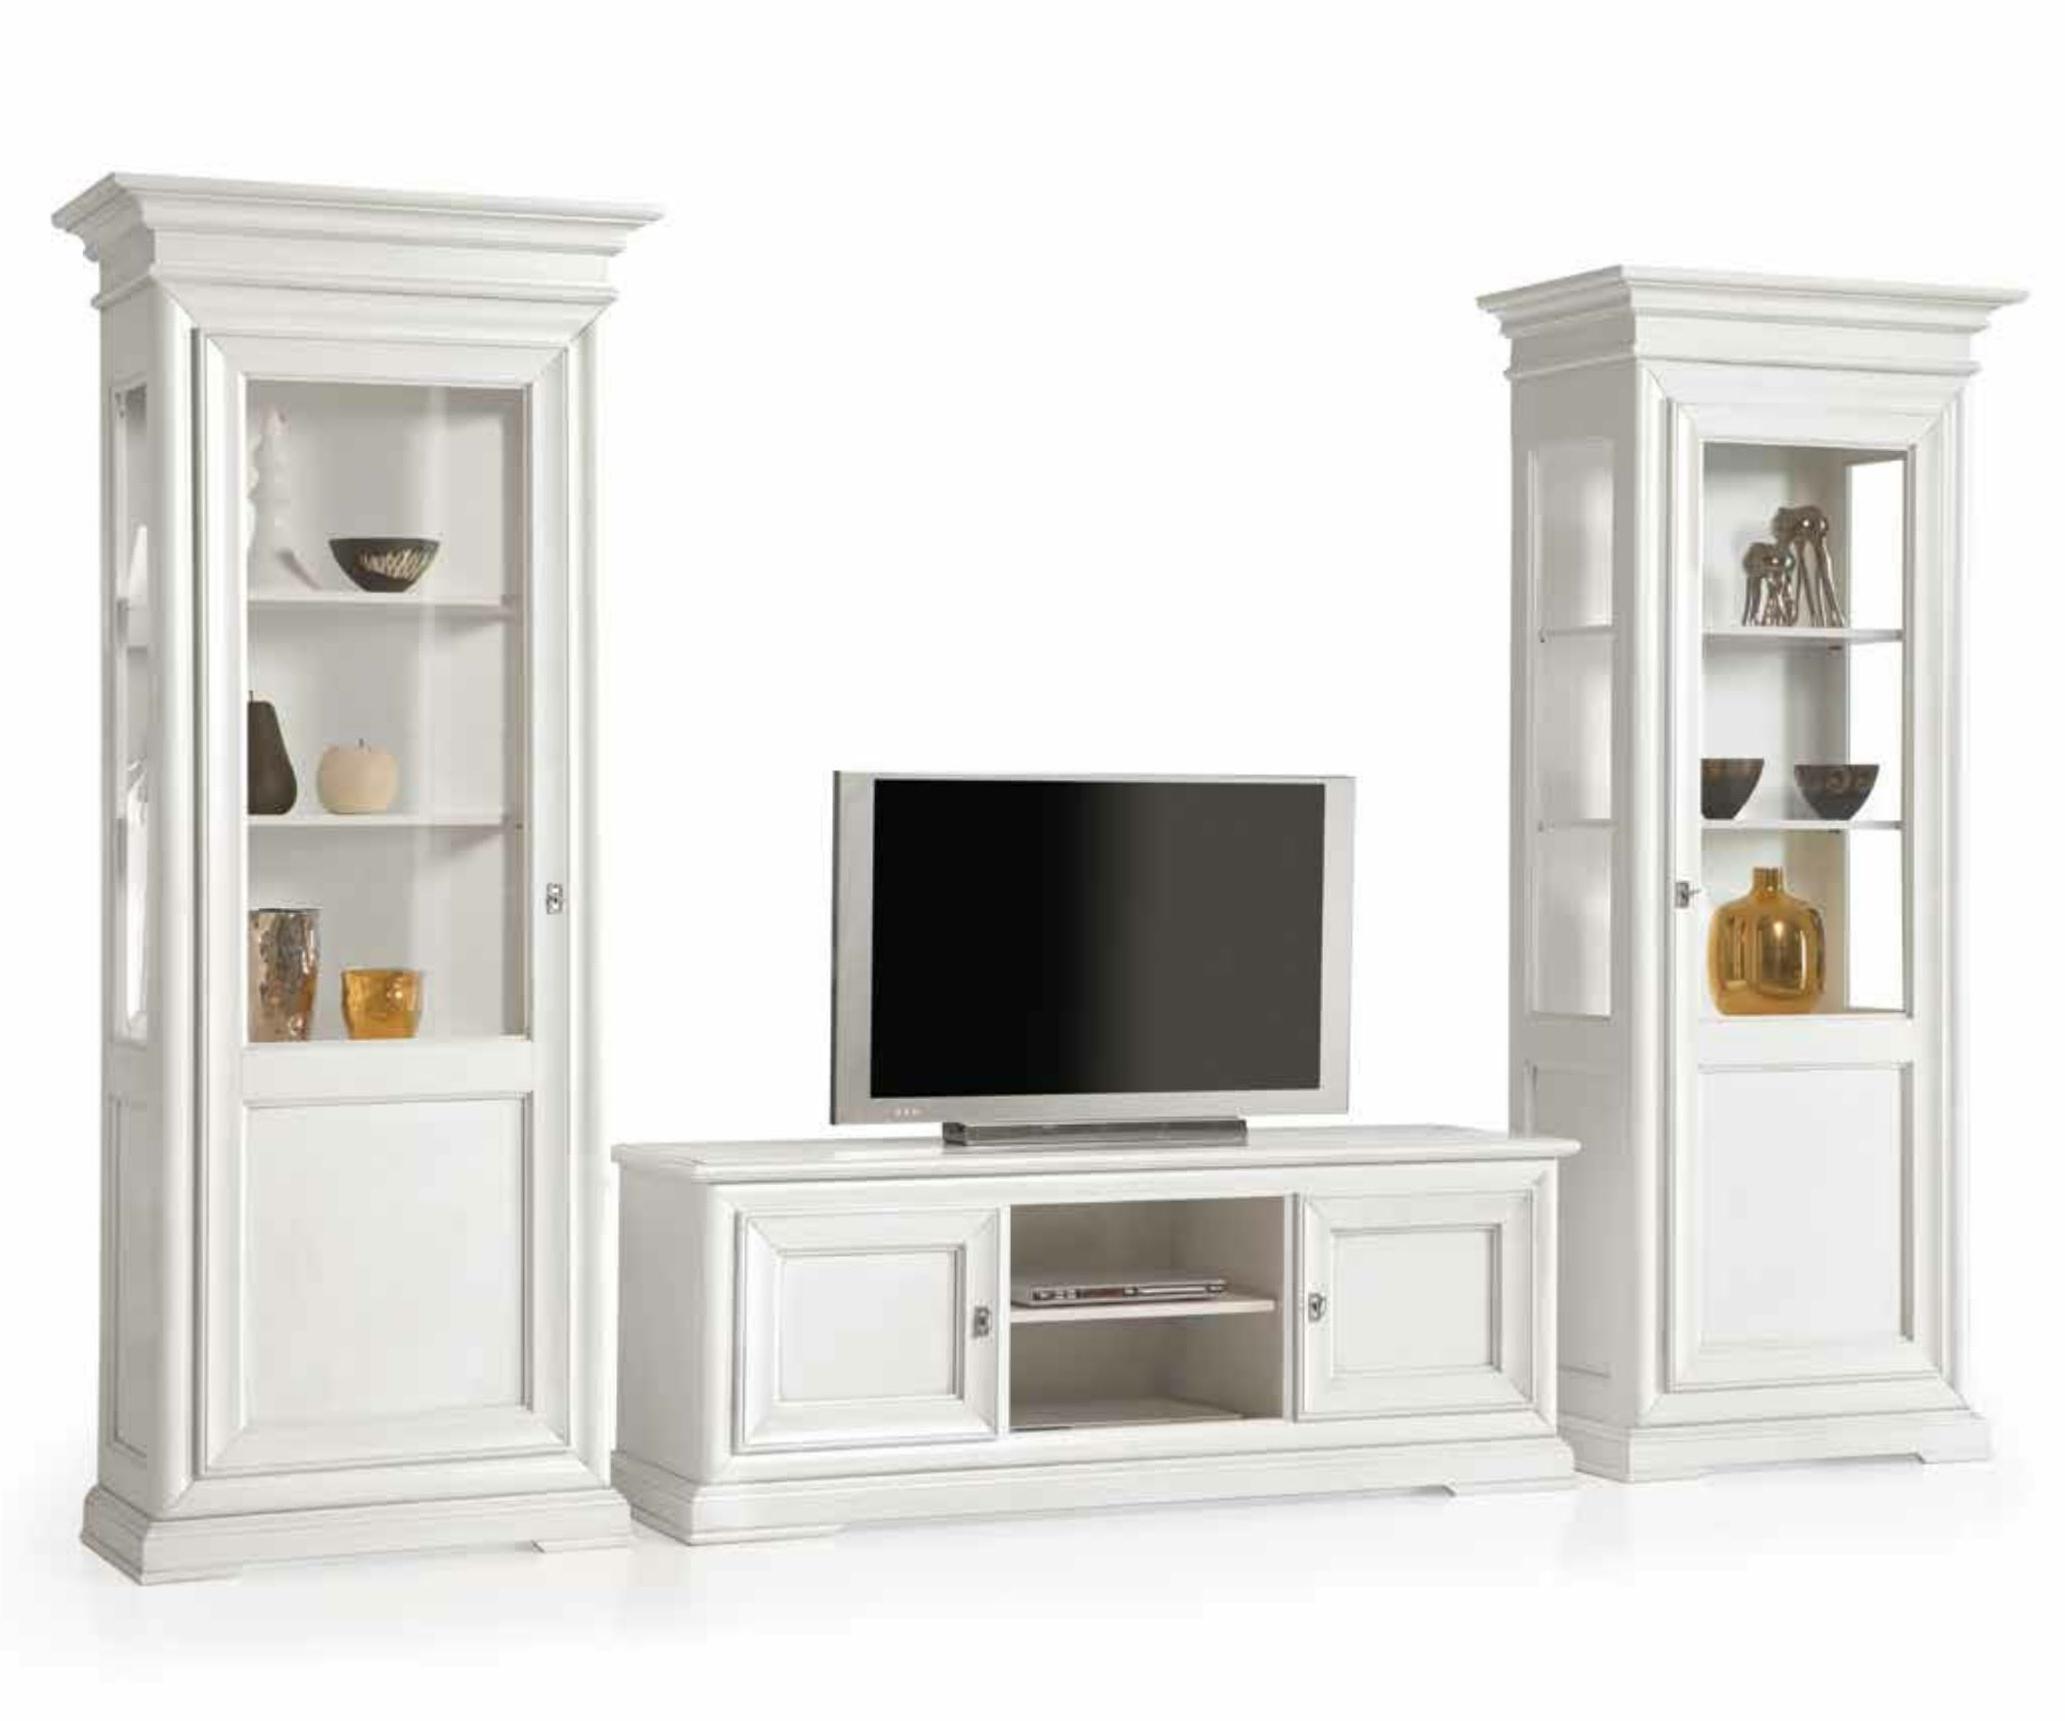 Mobili per soggiorno in legno pattinati bianchi soggiorni a prezzi scontati - Mobili per tv in legno ...